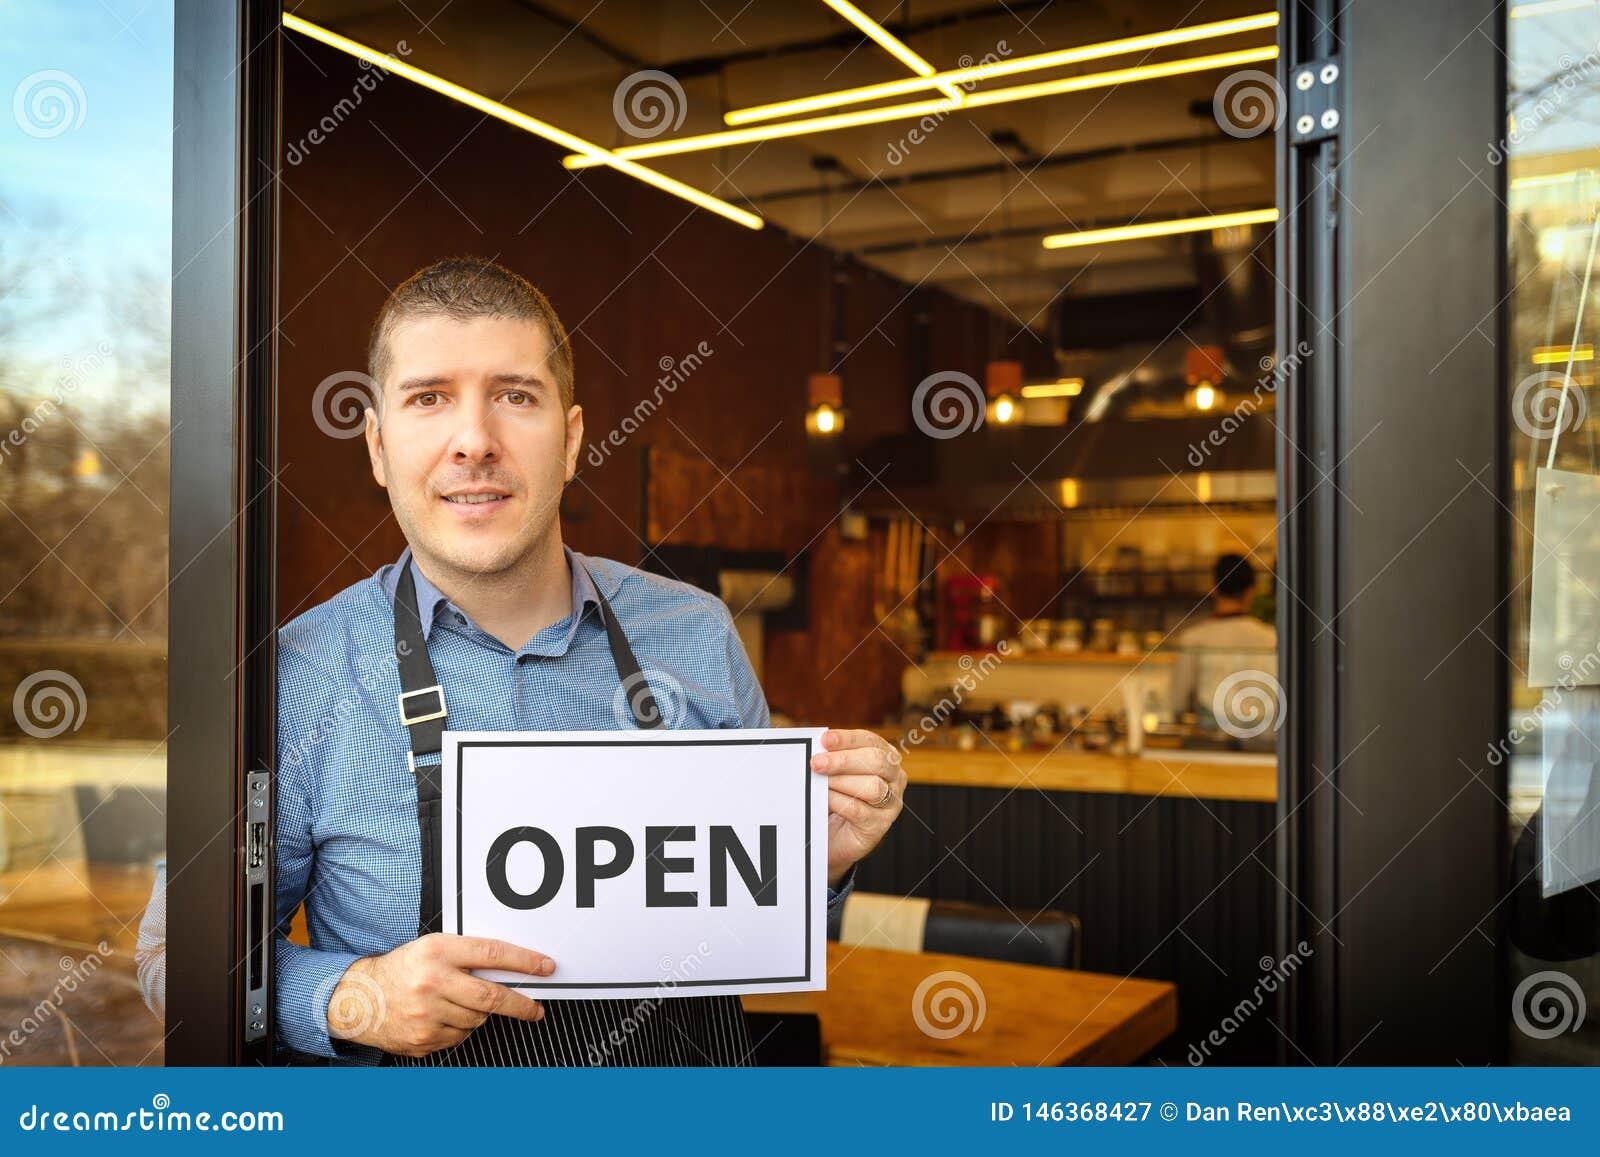 Portret van gelukkige bedrijfseigenaar die open teken houden - Jonge mensenondernemer bij ingang van nieuwe kleine familierestaur